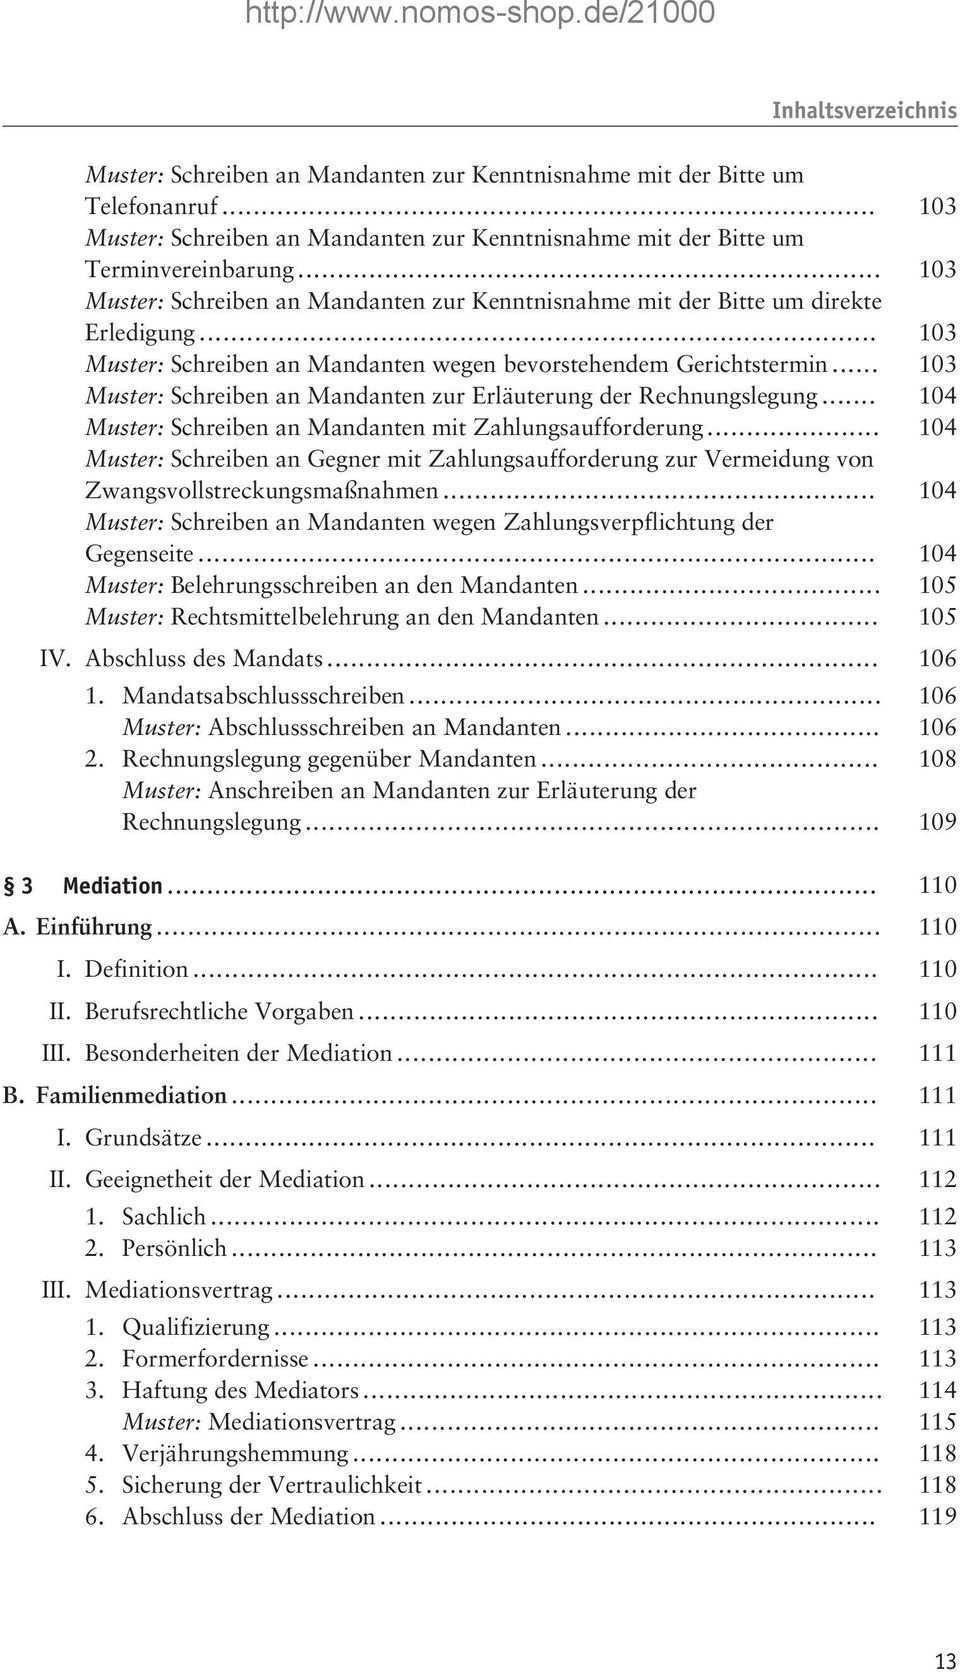 Nomosformulare Meyer Gotz Hrsg Familienrecht Vereinbarungen Verfahren Aussergerichtliche Korrespondenz 3 Auflage Nomos Pdf Free Download